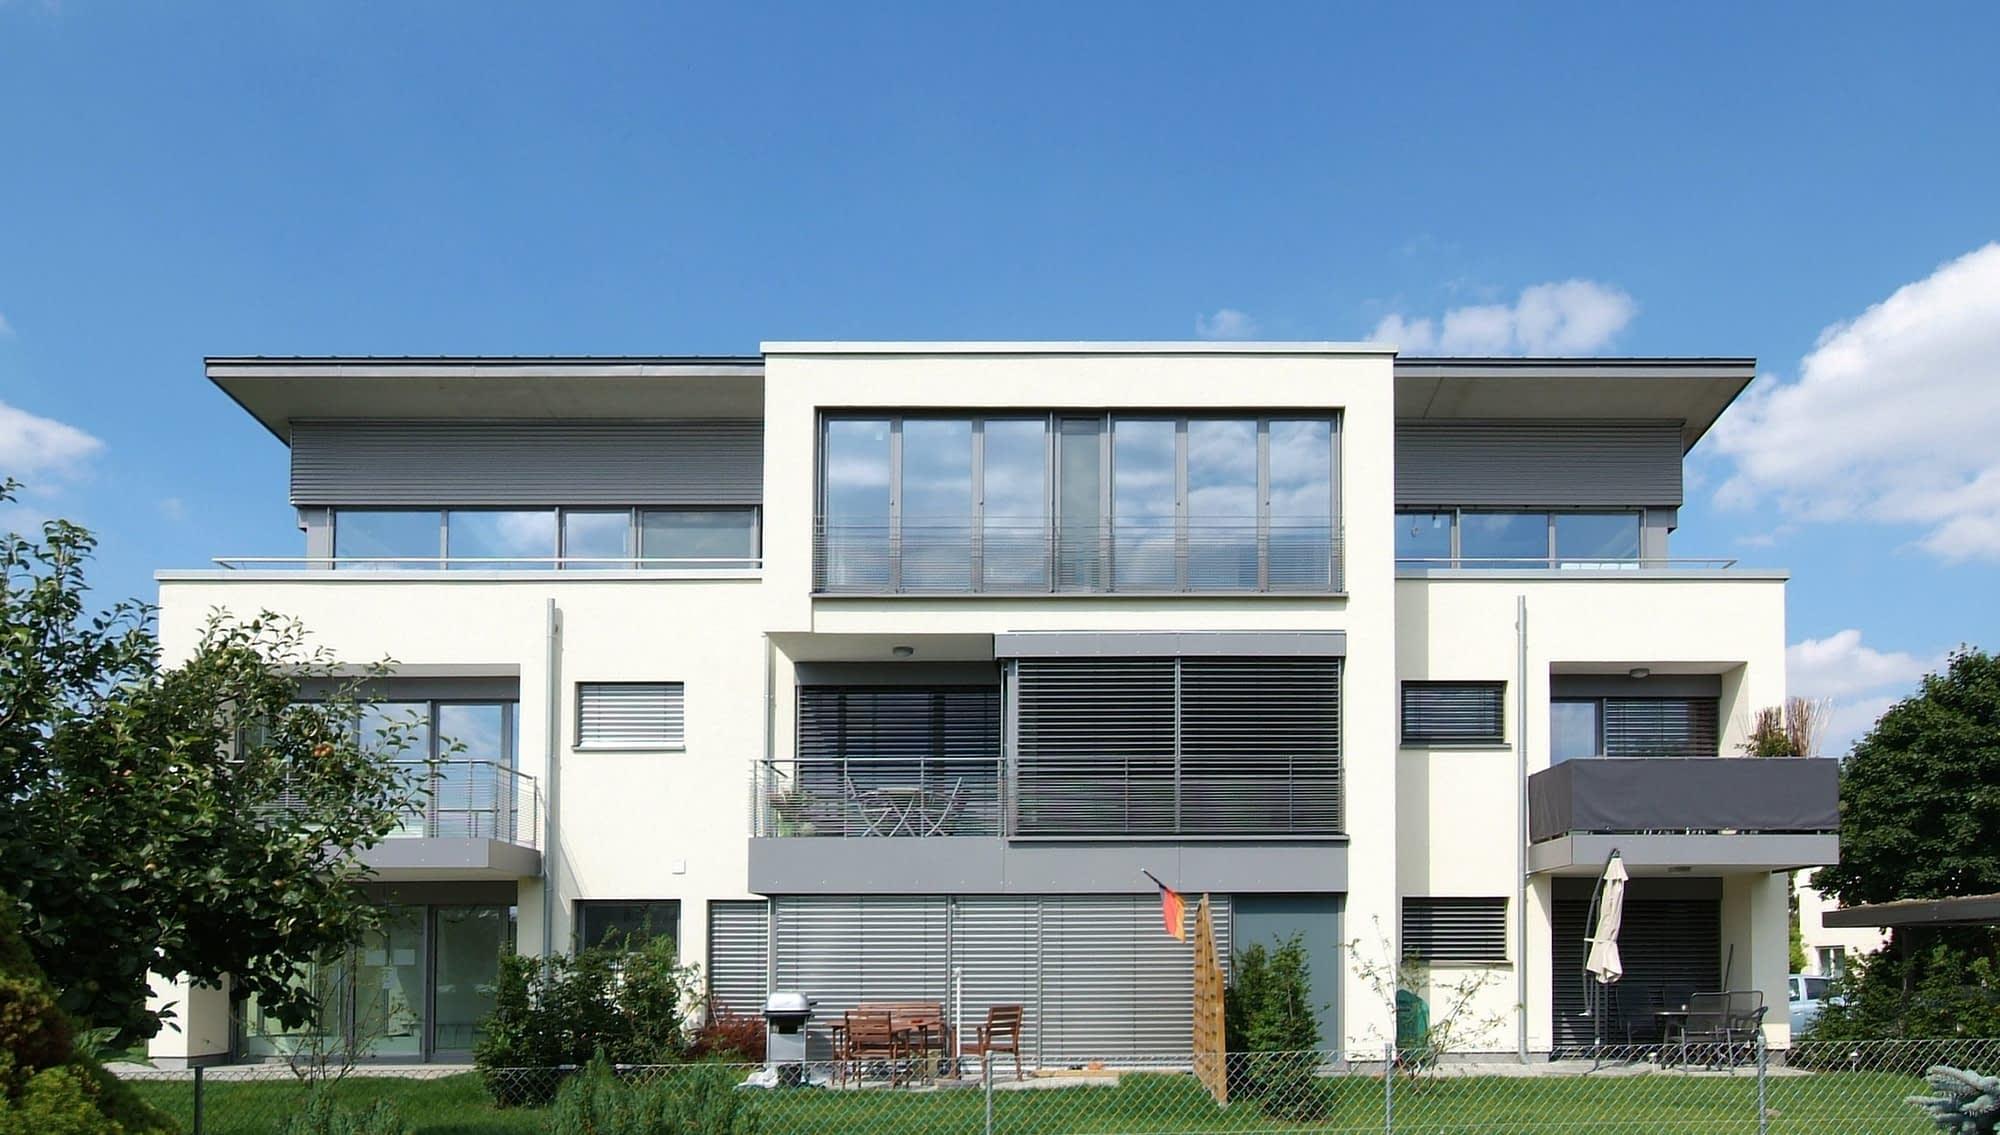 Verkauft - Sonnige 3,5 Zimmer Wohnung in Burlafingen mit Dachterrasse